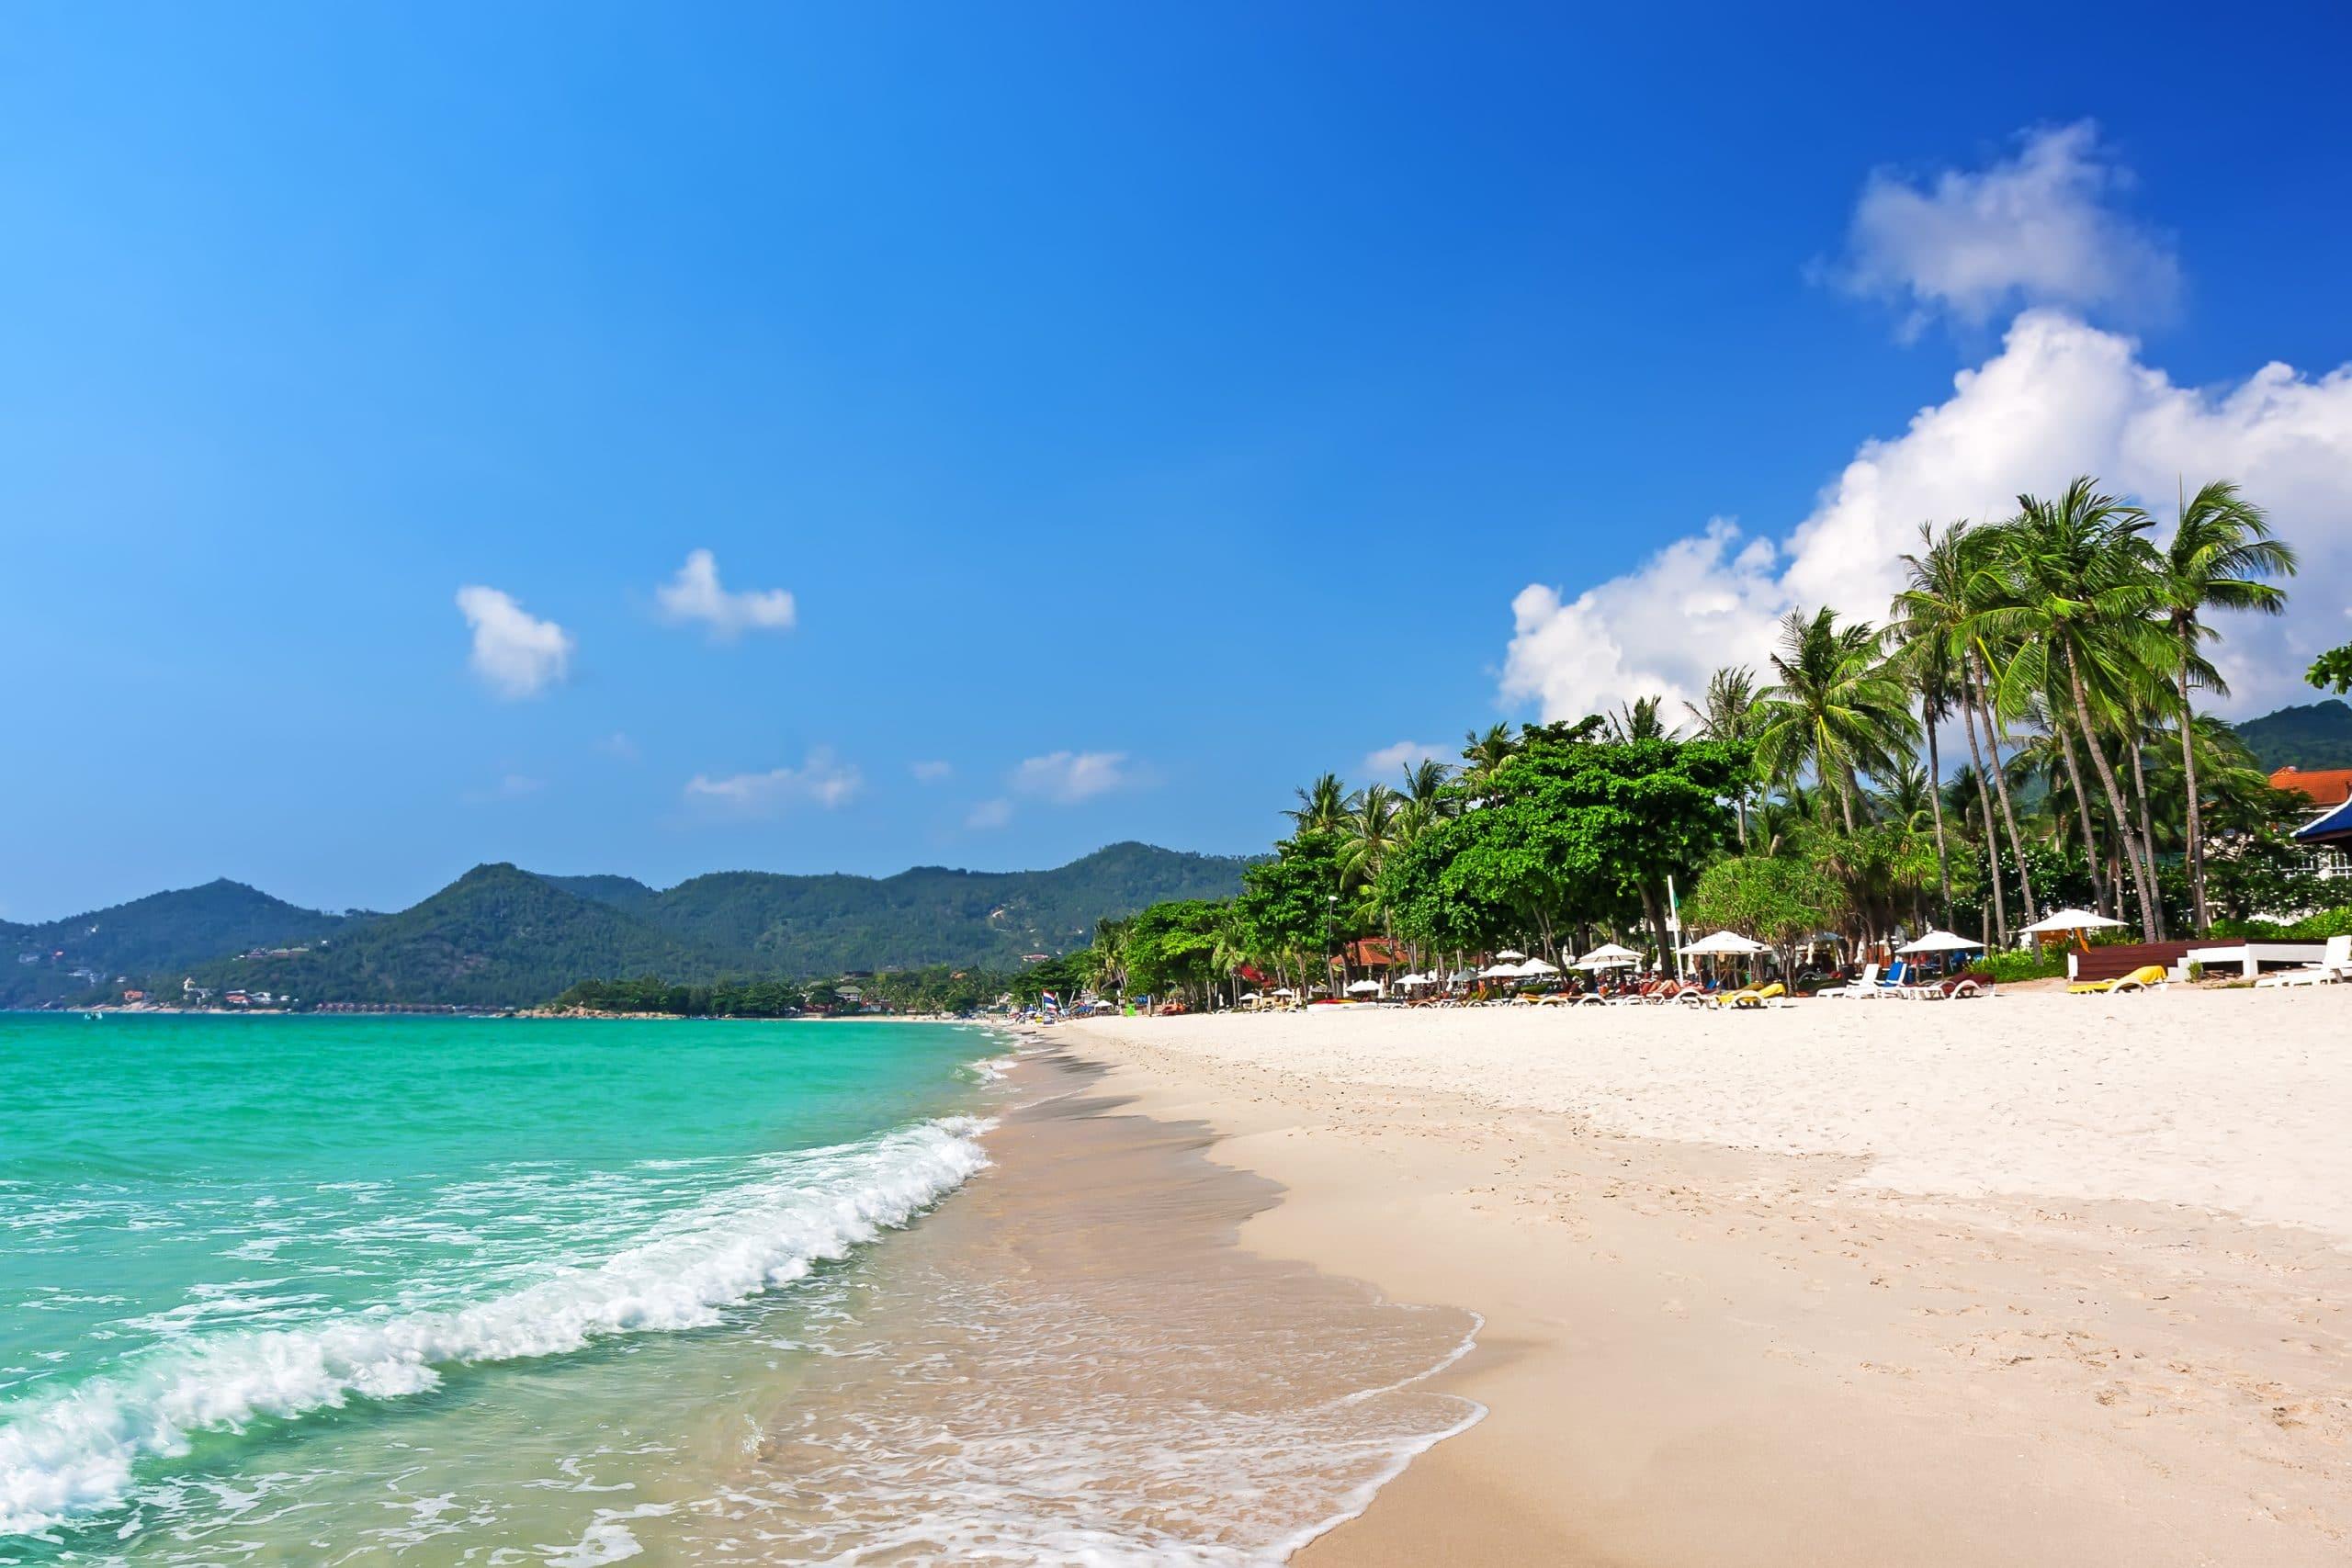 chaweng beach thailand koh samui